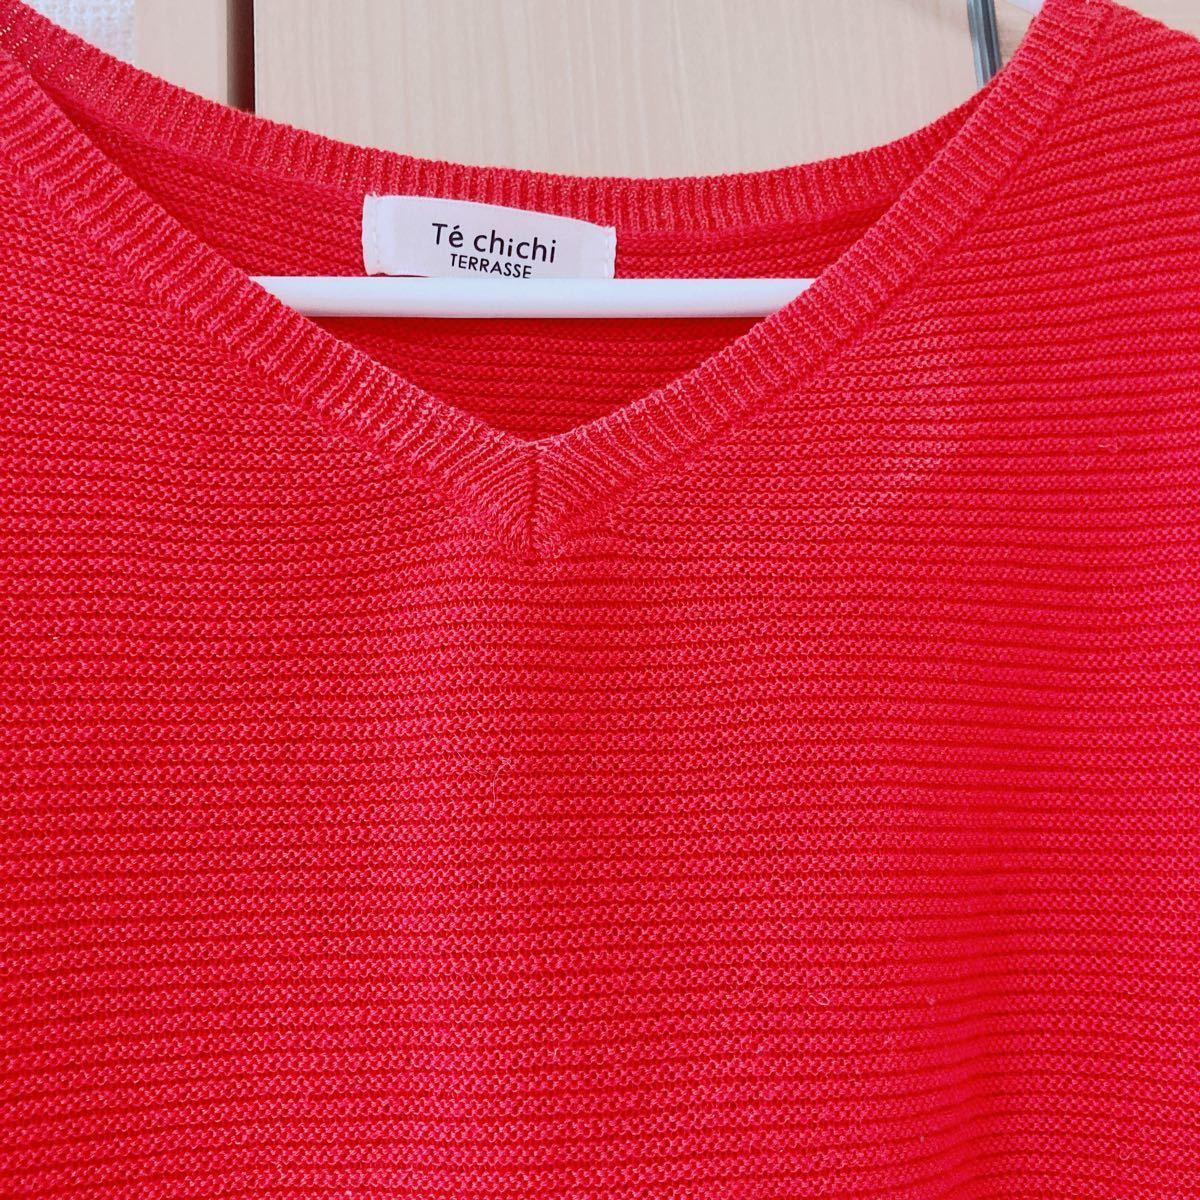 テチチテラス半袖ニット サマーニット トップス 赤 レッドフリーサイズ